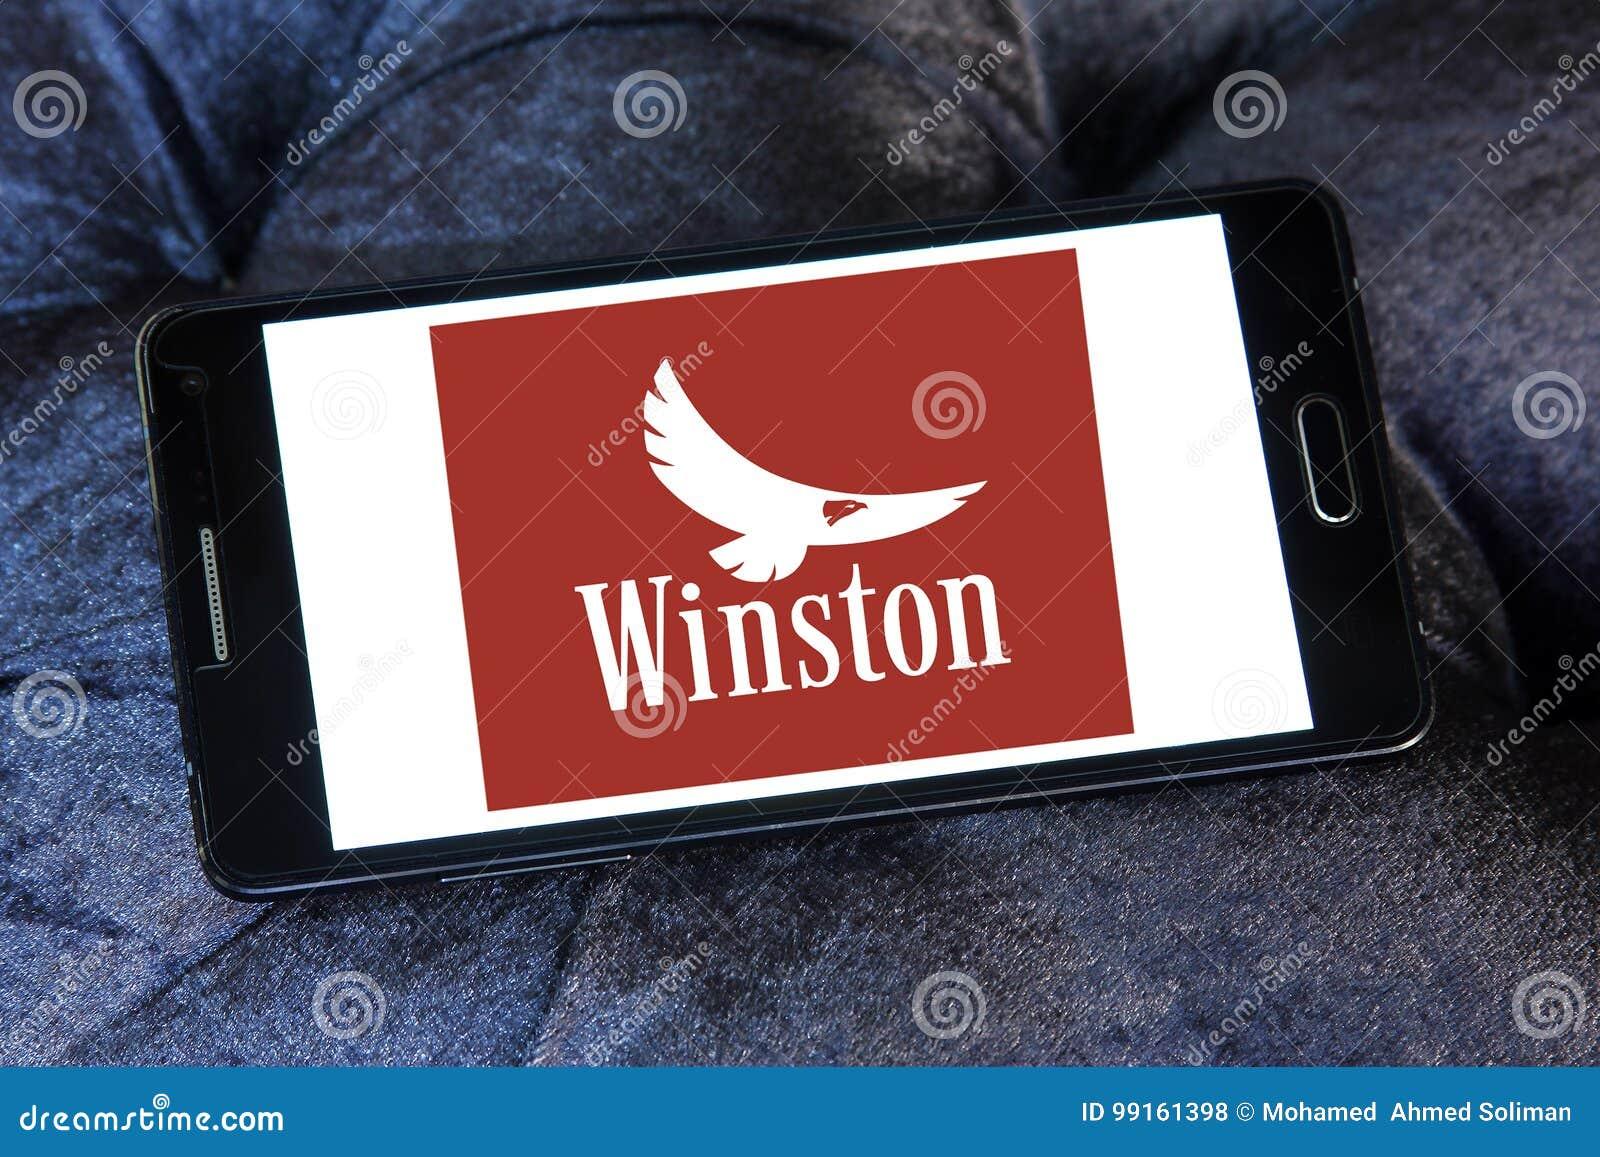 温斯顿香烟公司商标